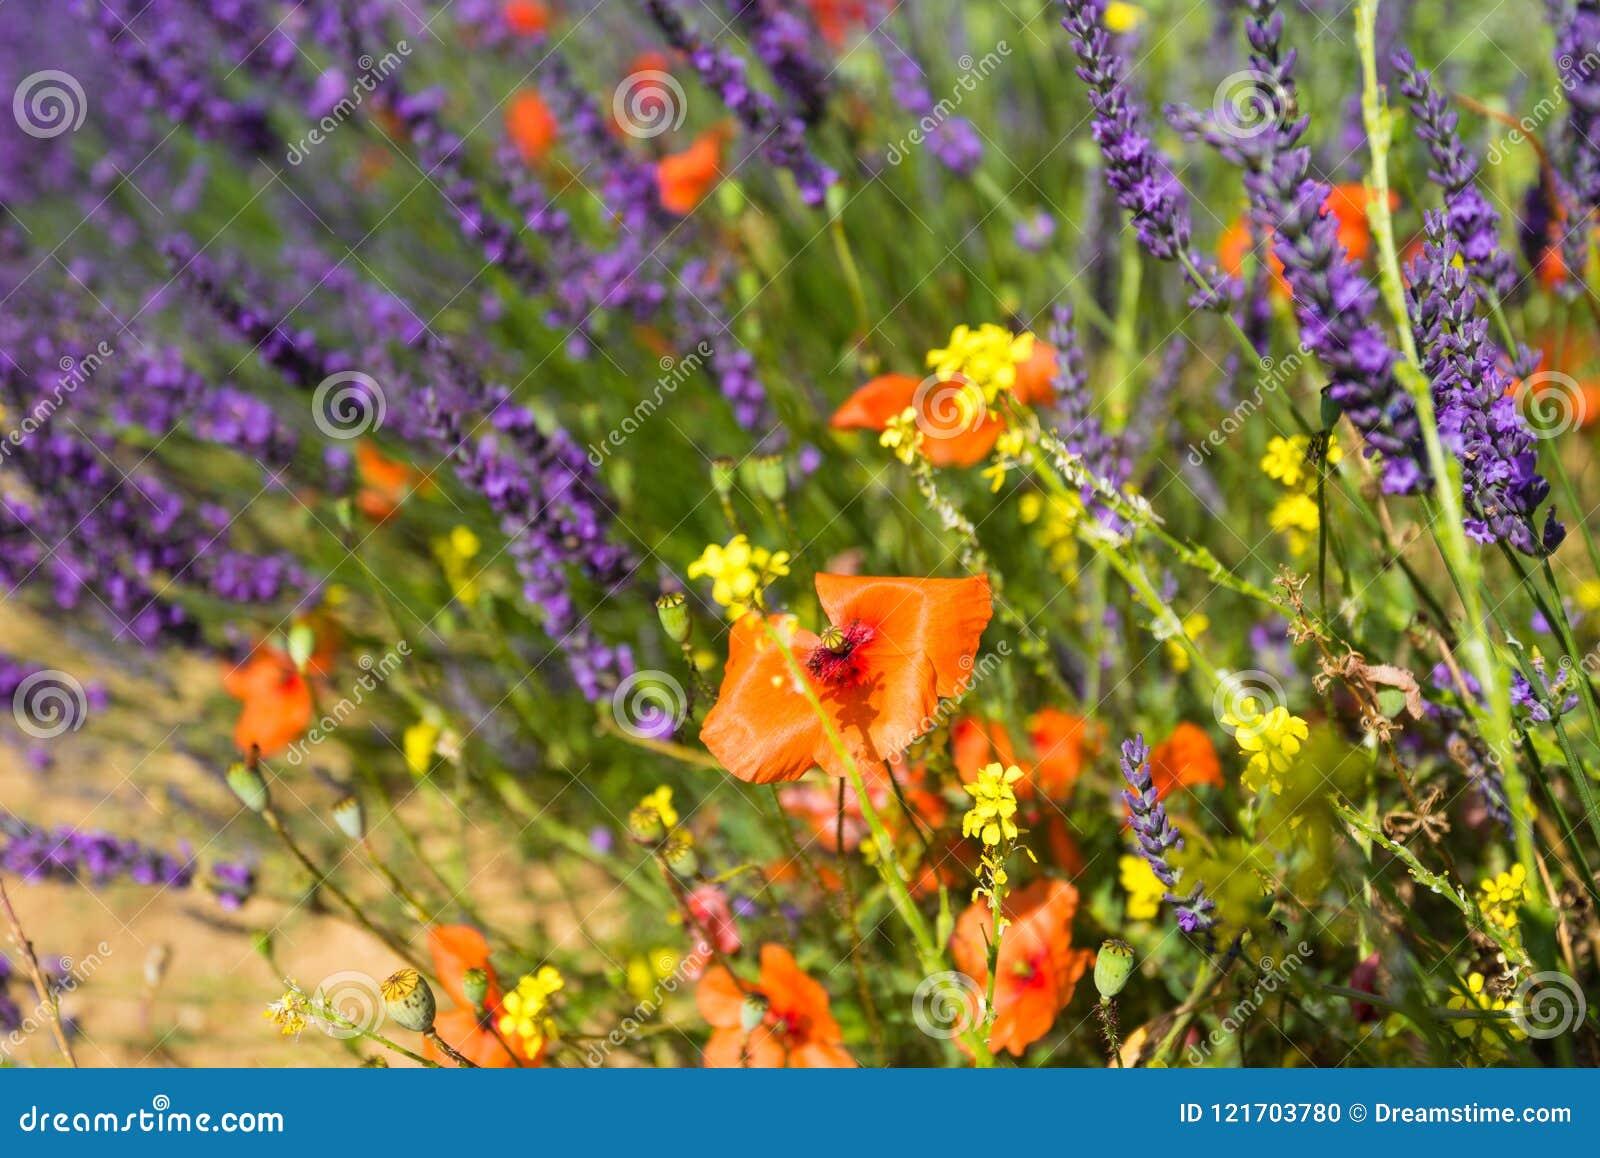 在淡紫色和黄色野花背景的鸦片